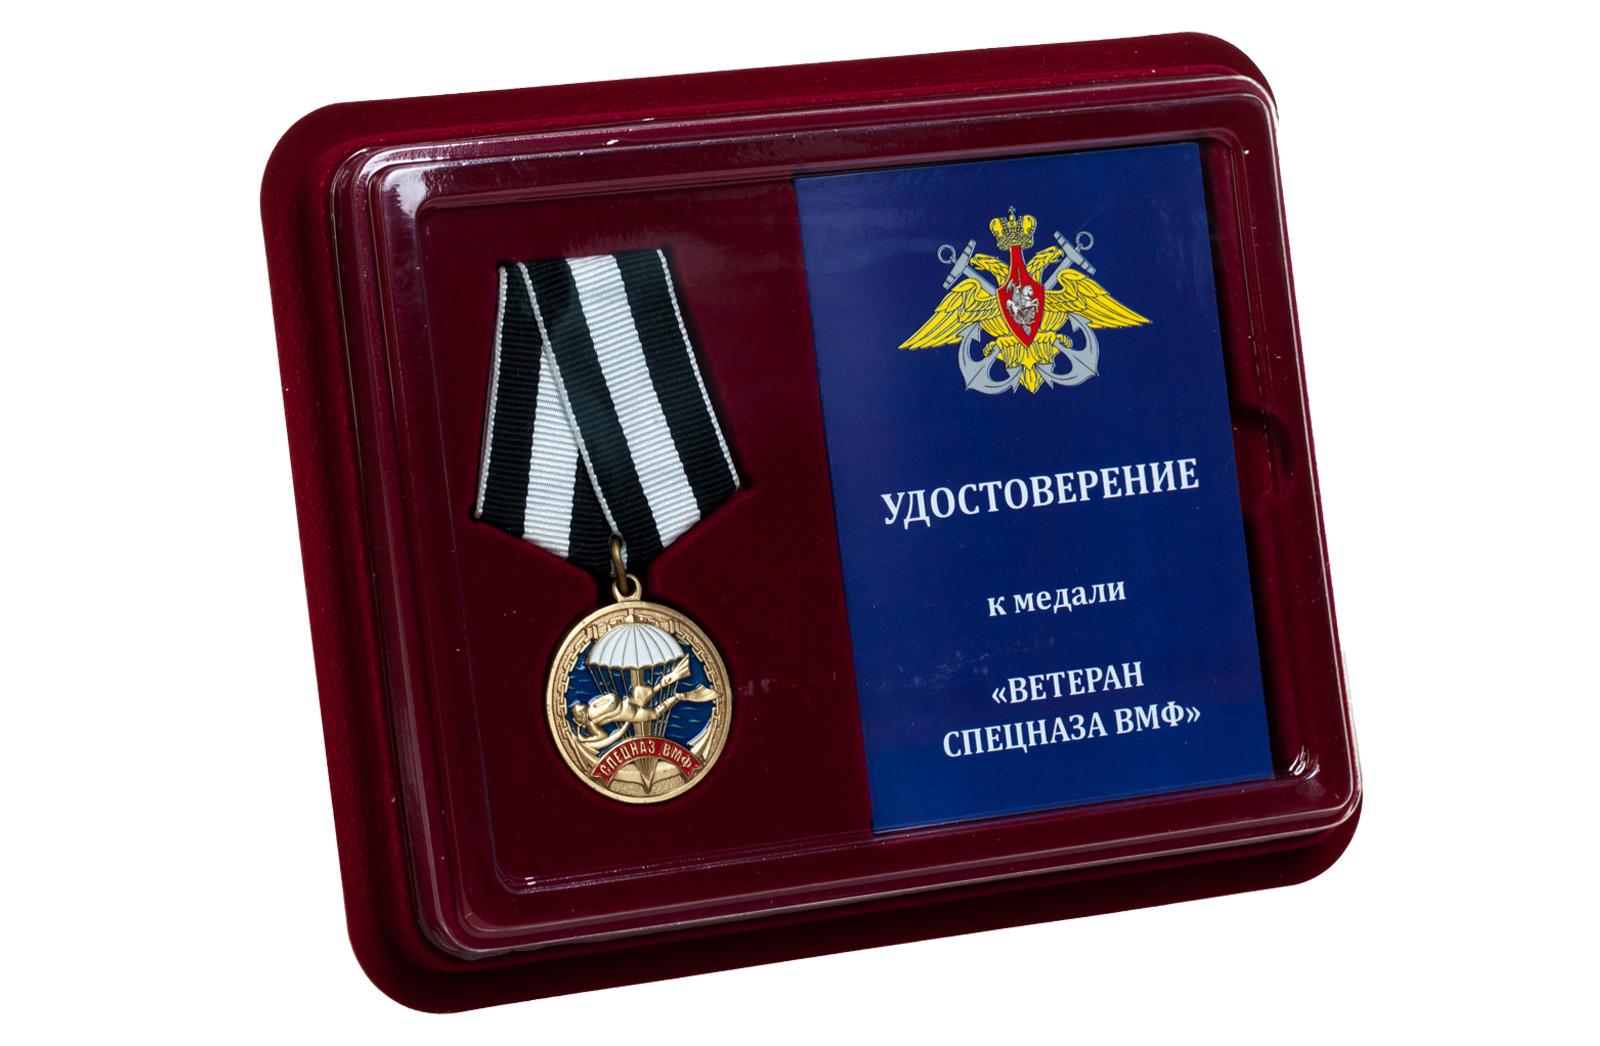 Медаль Ветеран Спецназа ВМФ  - в футляре с удостоверением